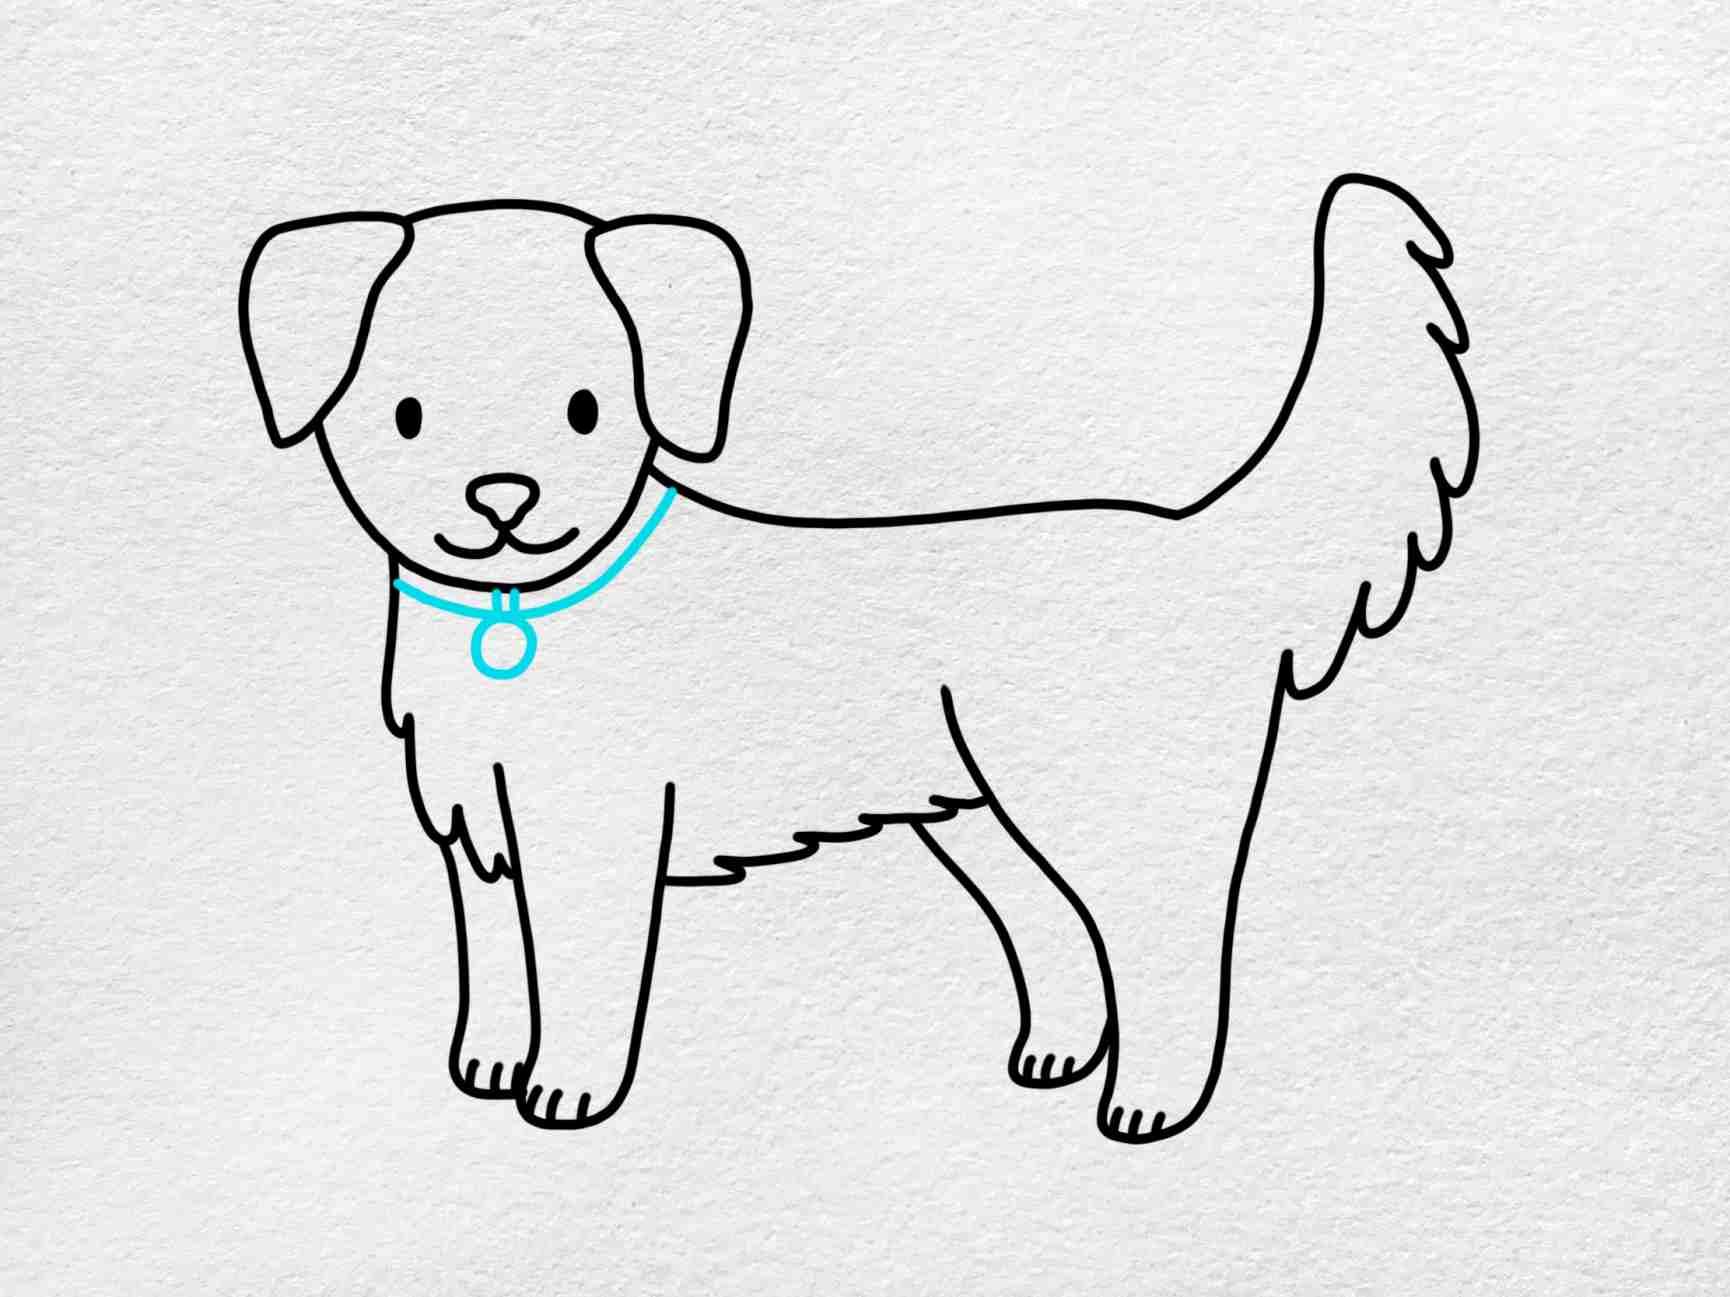 How To Draw A Golden Retriever: Step 8